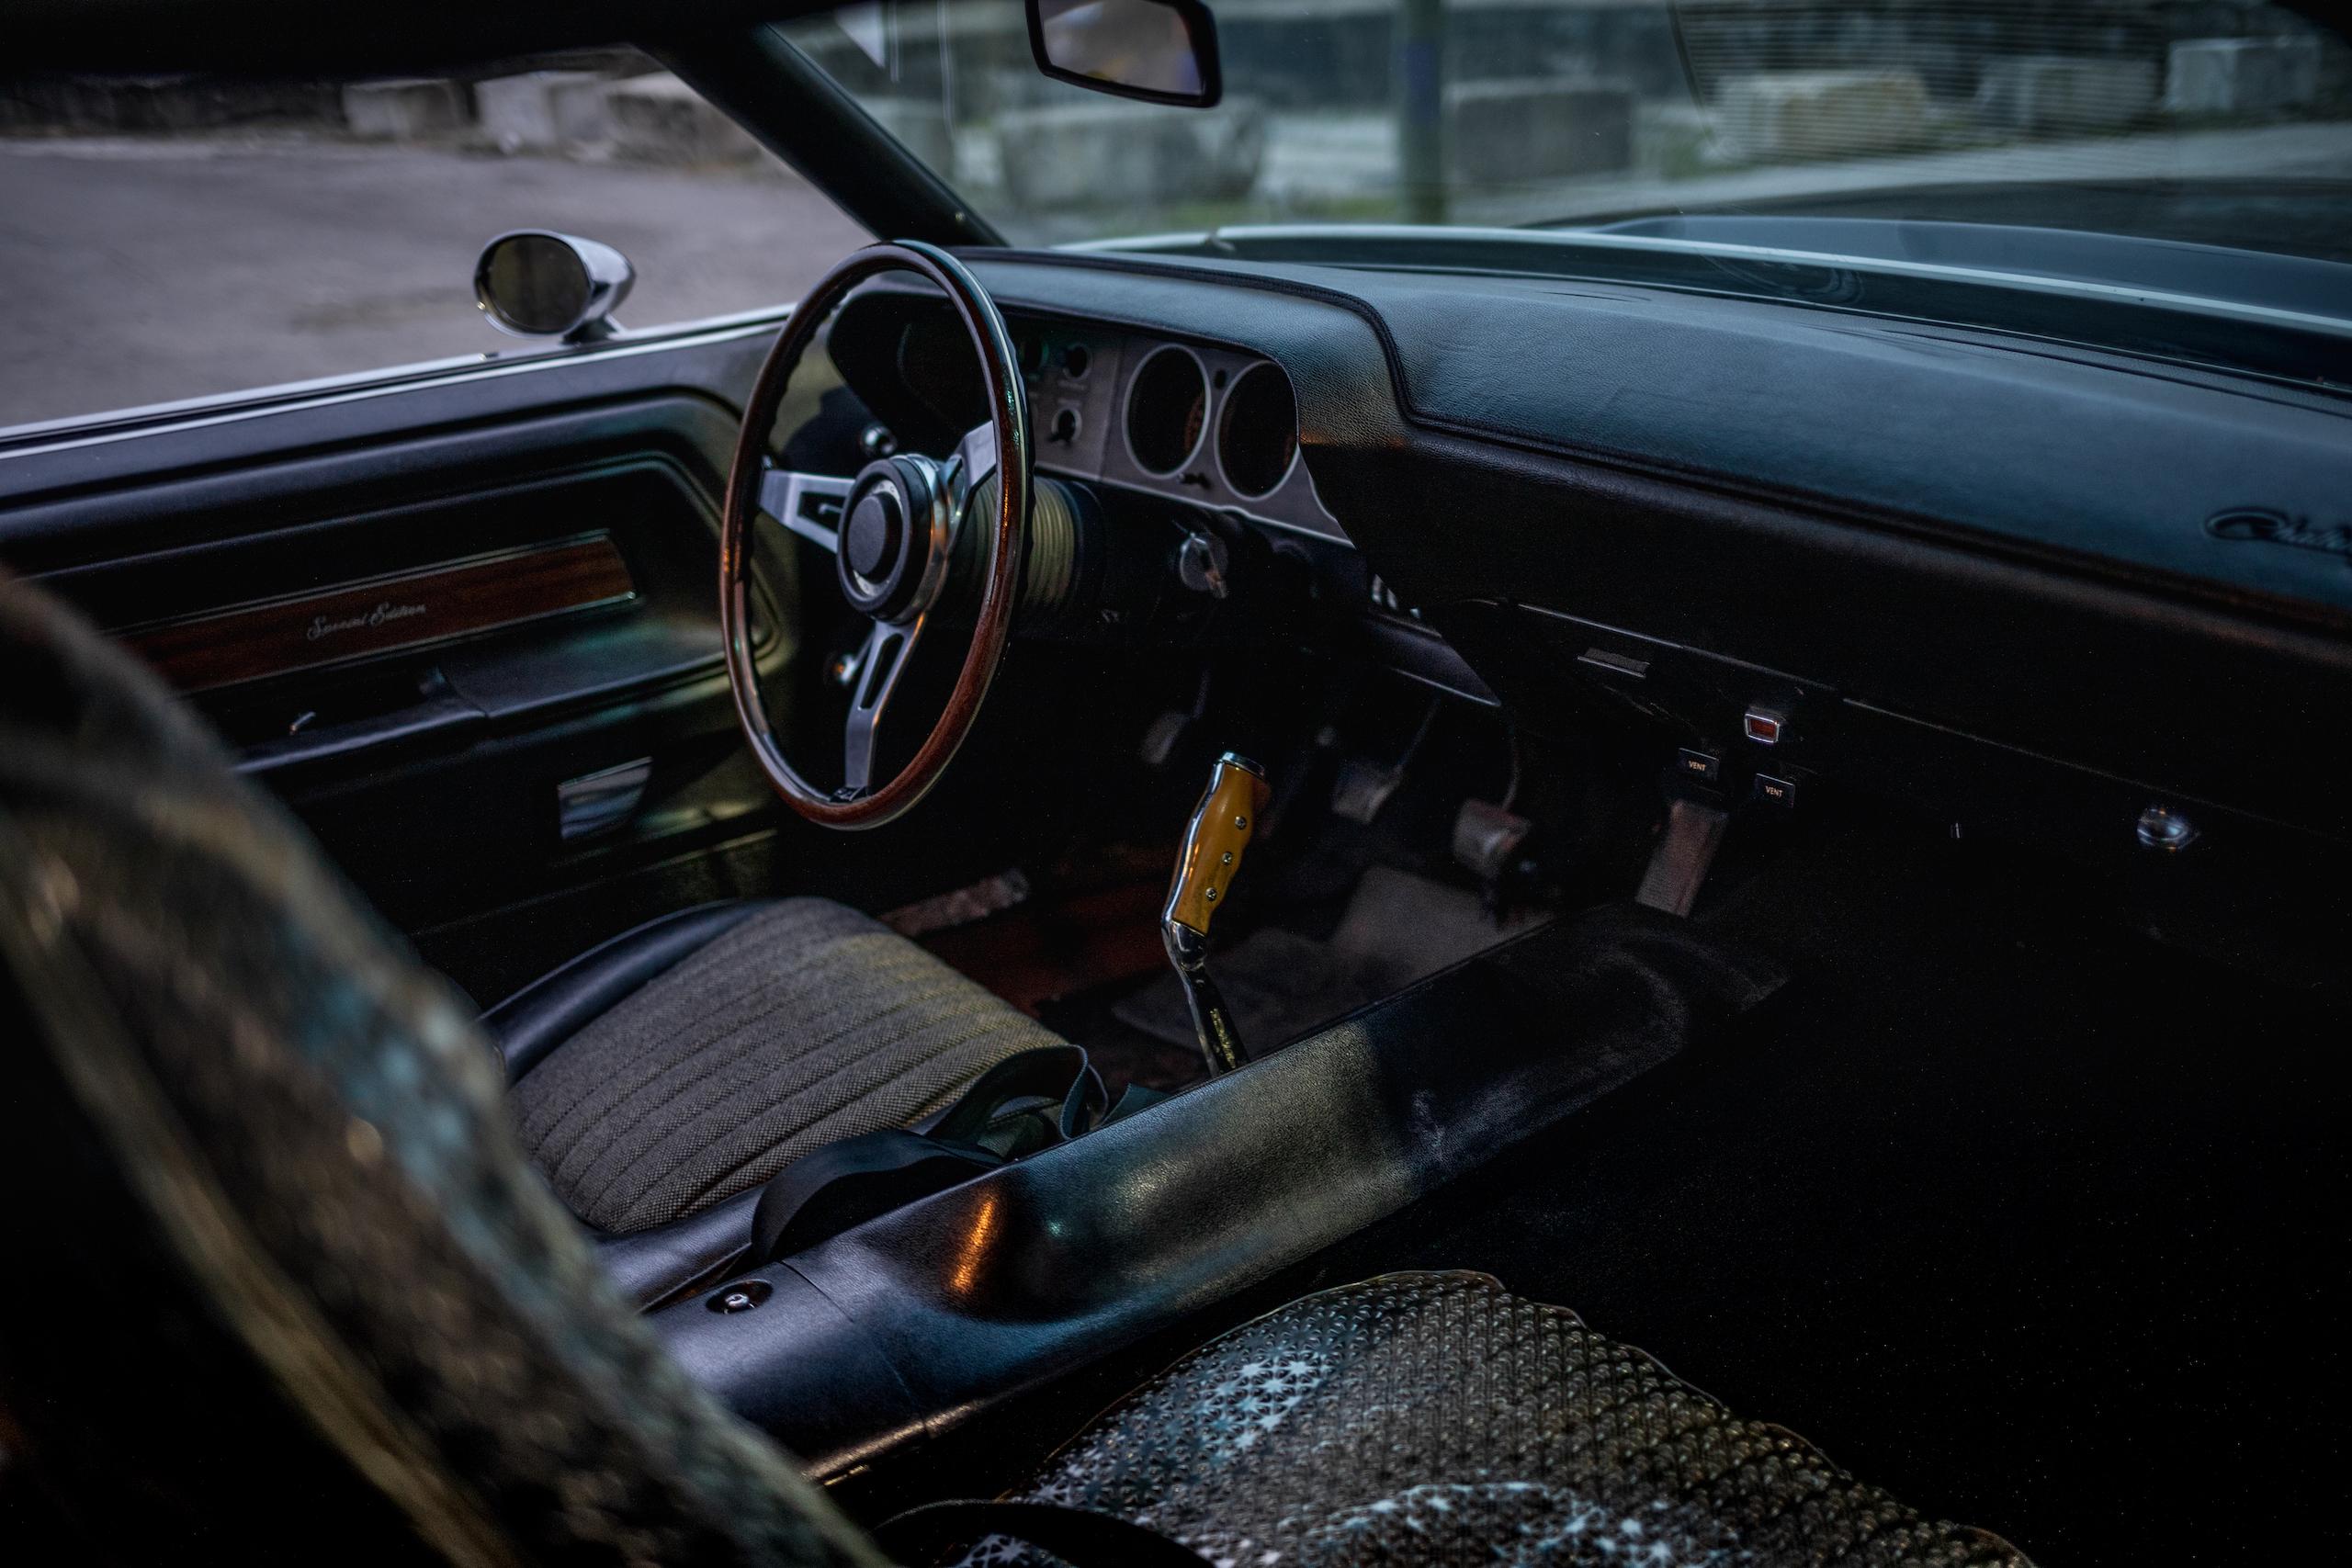 1970 Challenger interior front dash